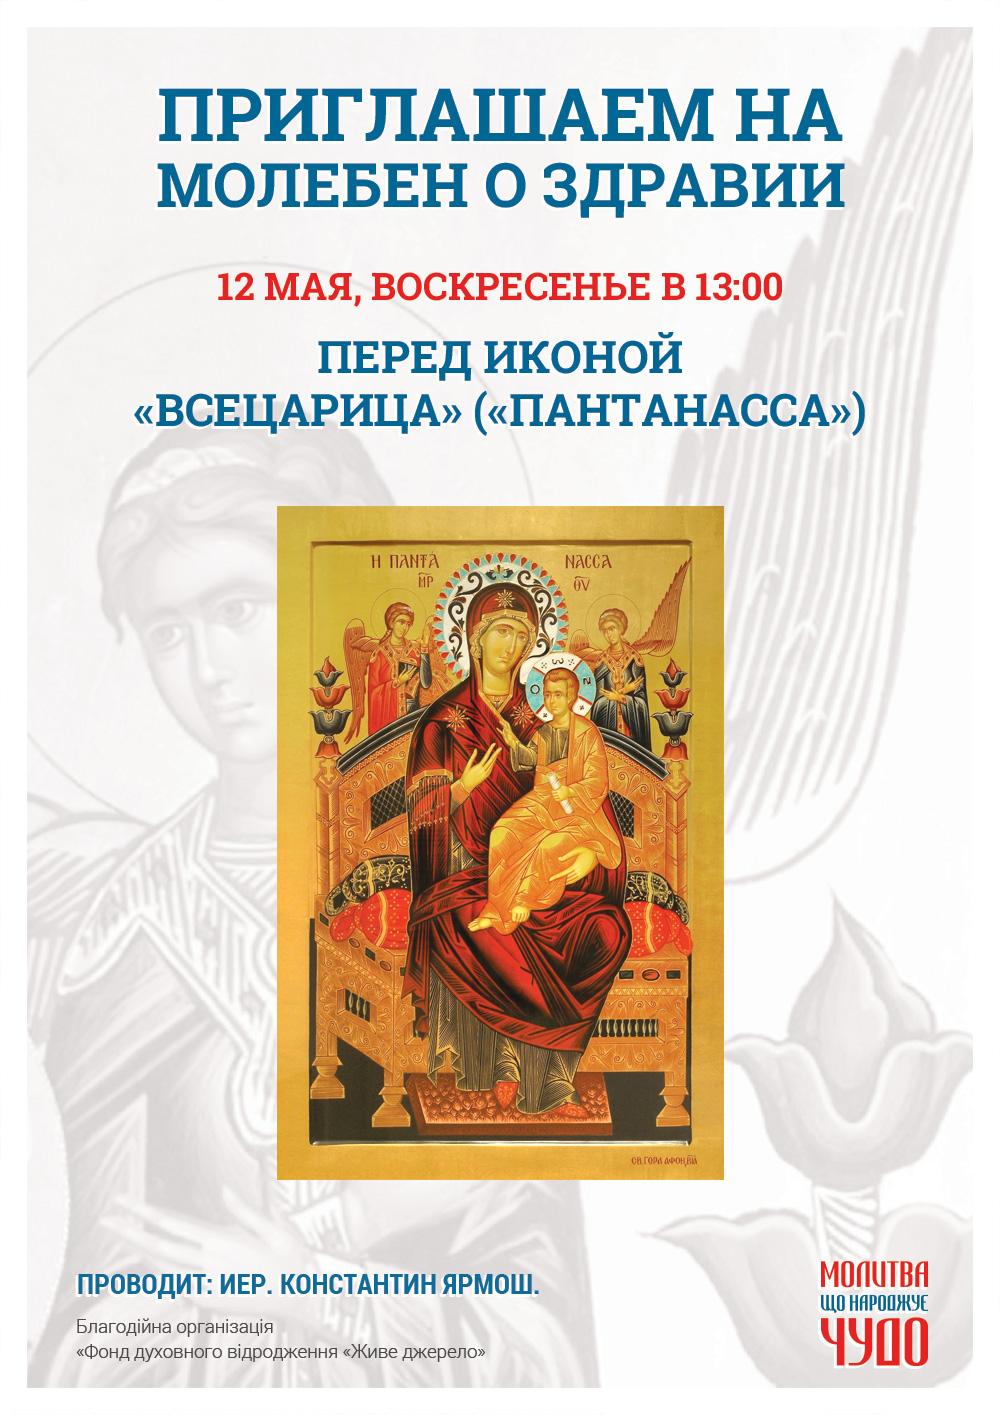 Помолиться о здоровье в Киеве. Галерея чудотворных икон Афона